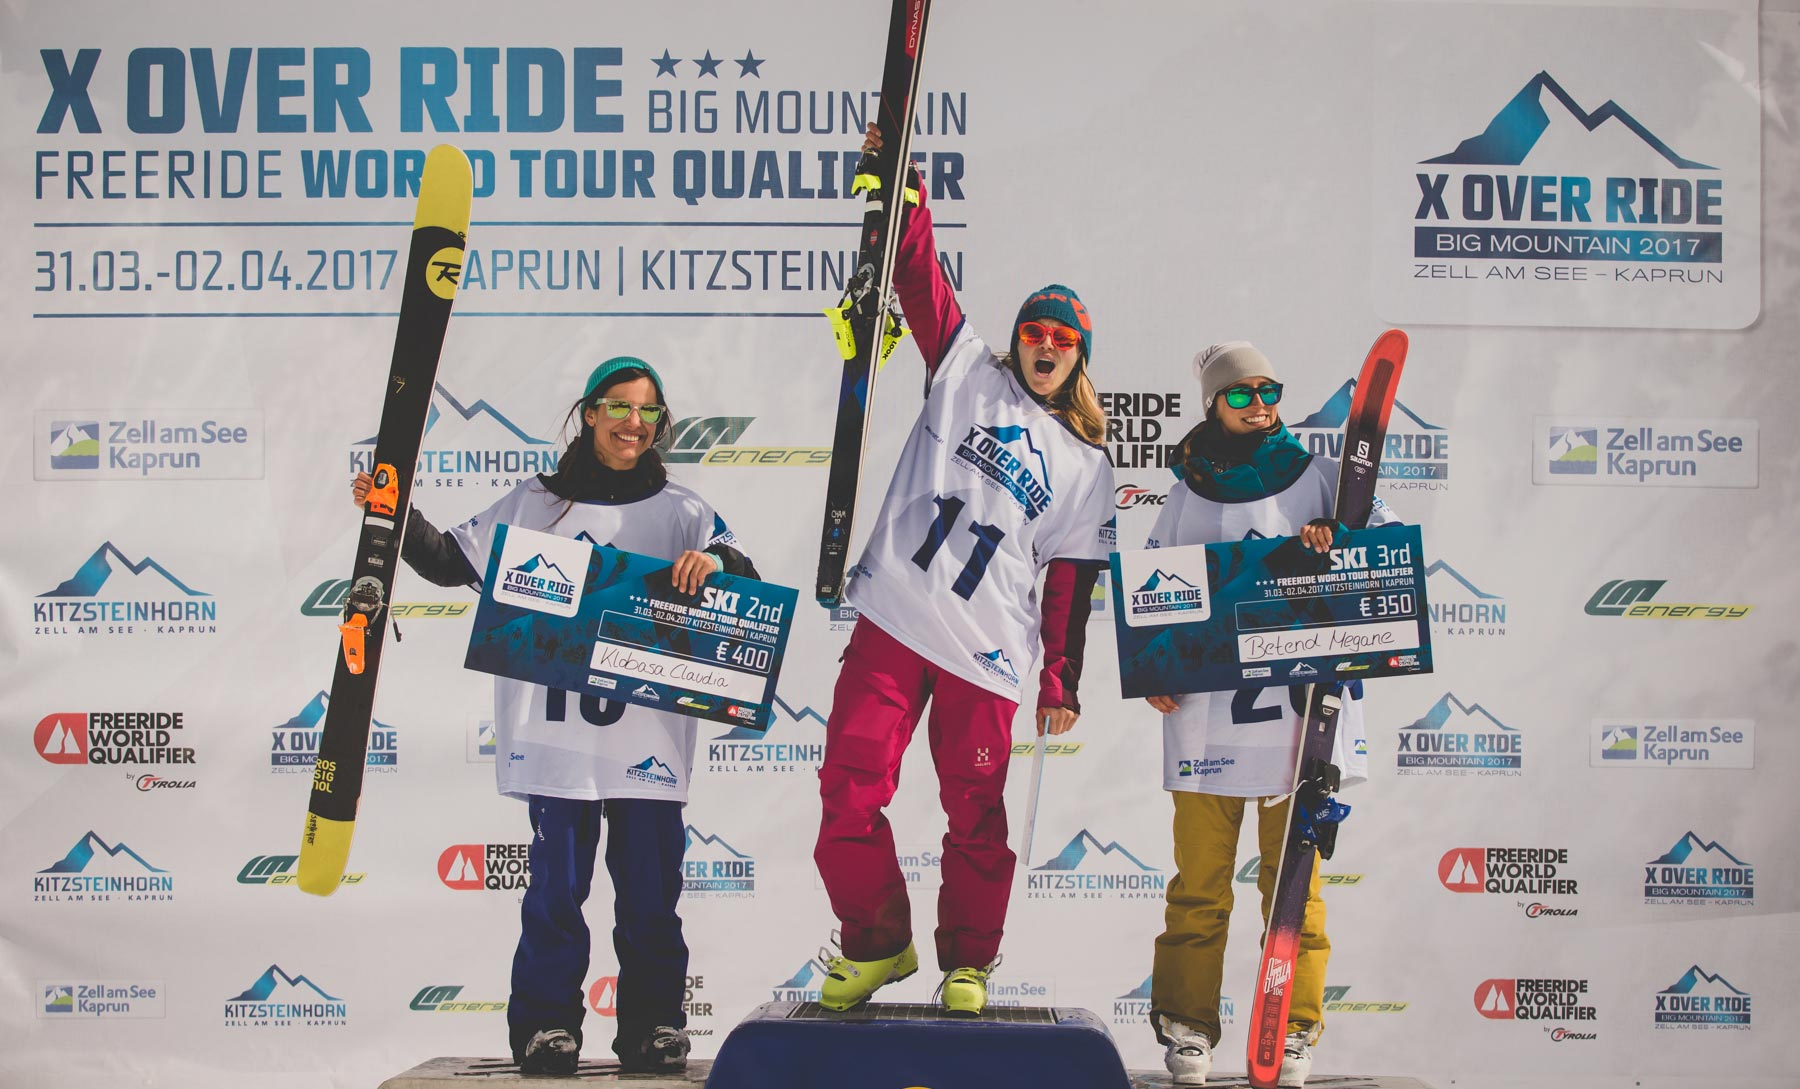 Die drei besten Ladies beim X Over Ride 2017 am Kizsteinhorn: Claudia Klobasa, Stefanie Noppinger und Betend Megane - Foto: Mia Knoll